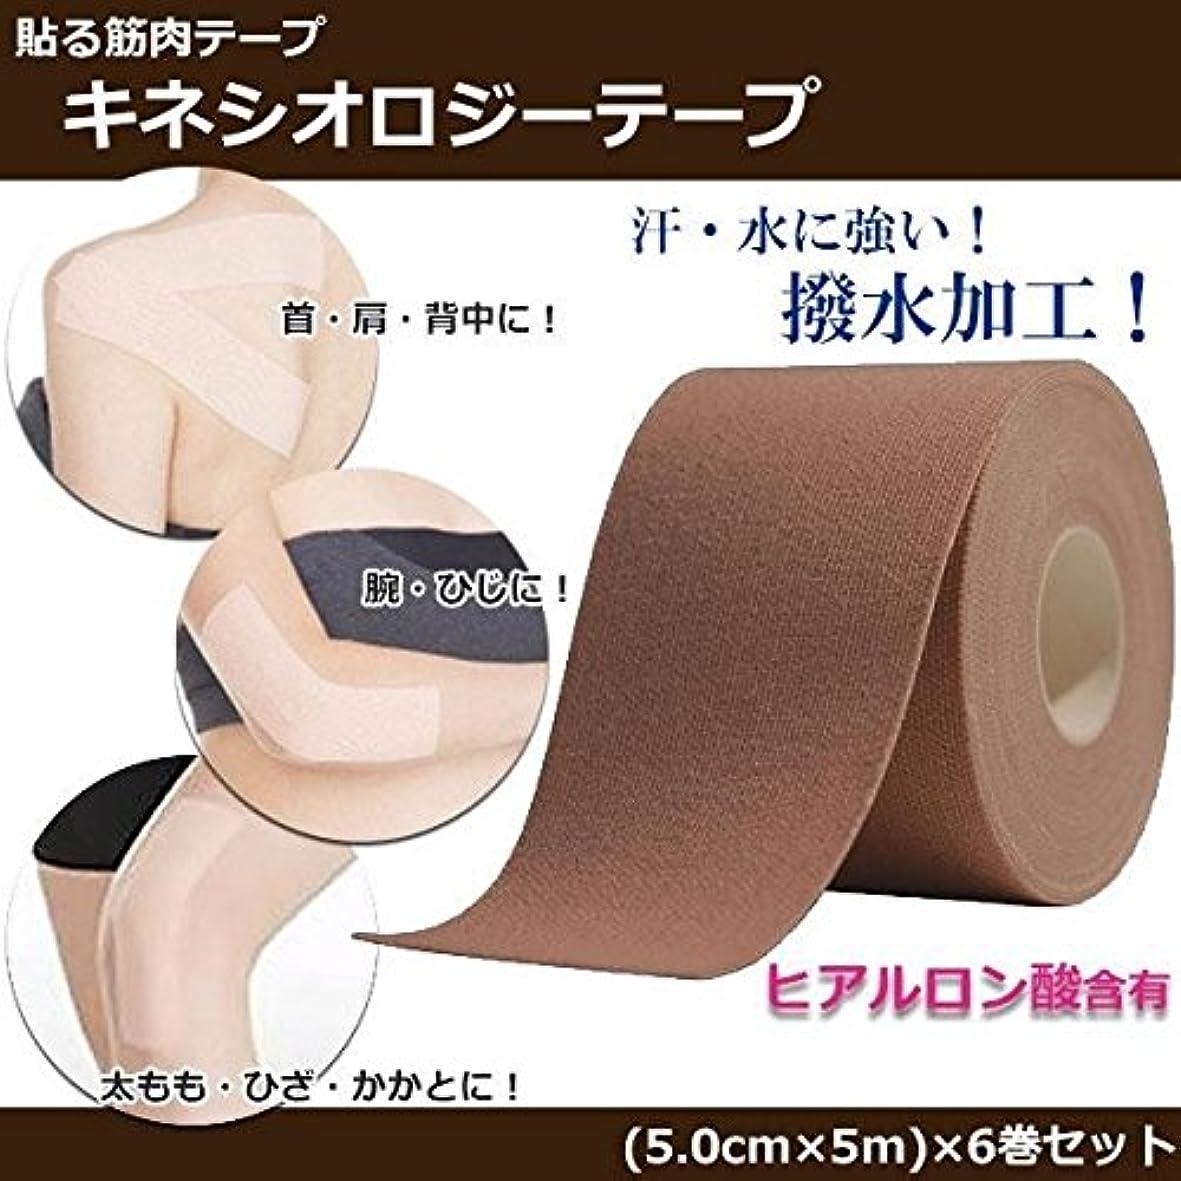 フェード悲しみ代わりにを立てる貼る筋肉テープ キネシオロジーテープ ヒアルロン酸含有 日本製 6巻セット